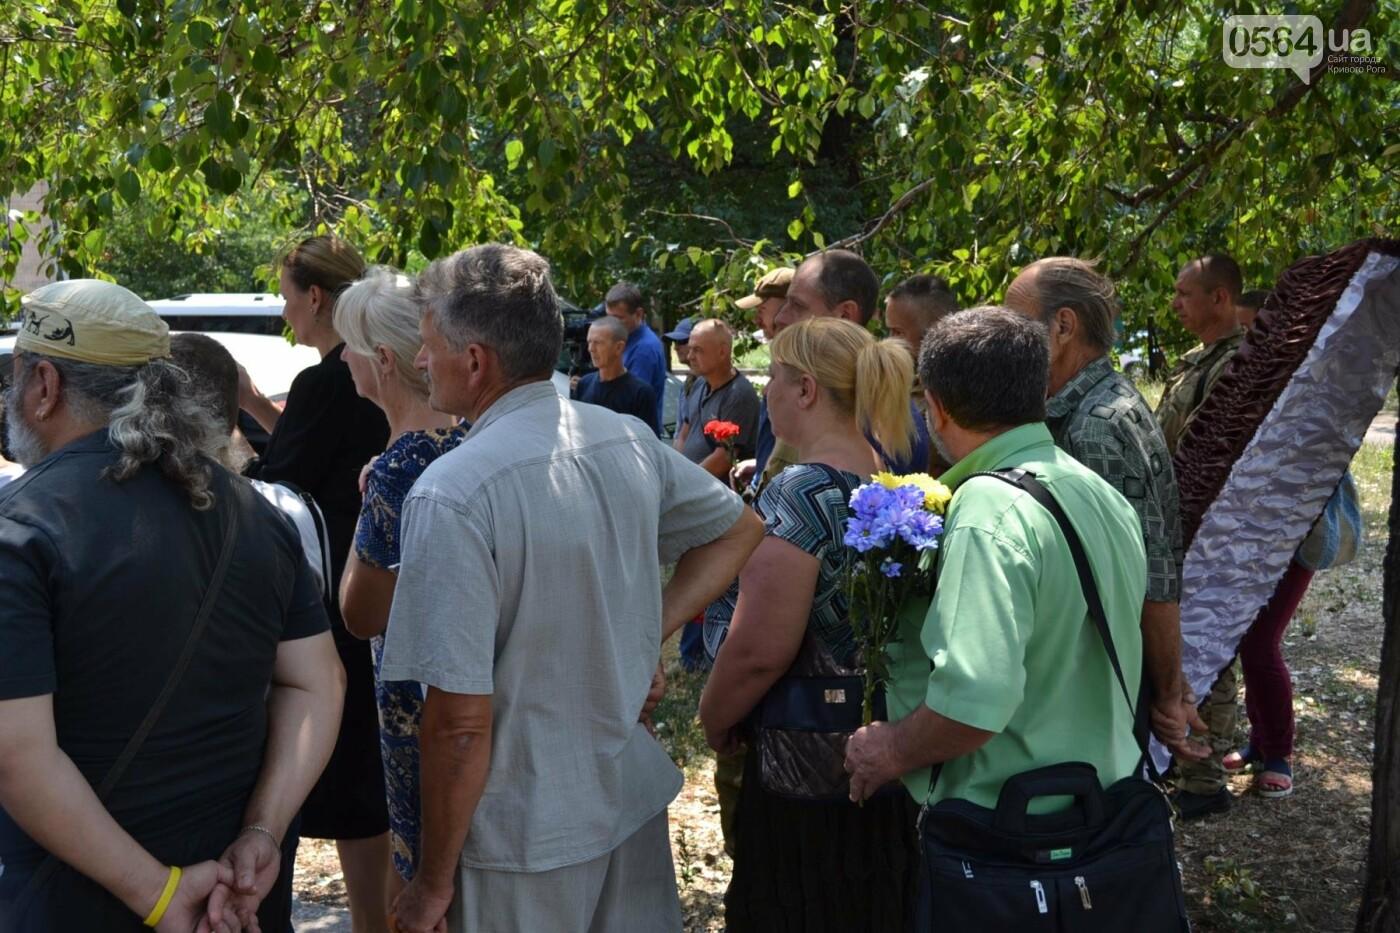 Криворожане простились с ветераном АТО Владимиром Близнюком, - ФОТО, фото-31